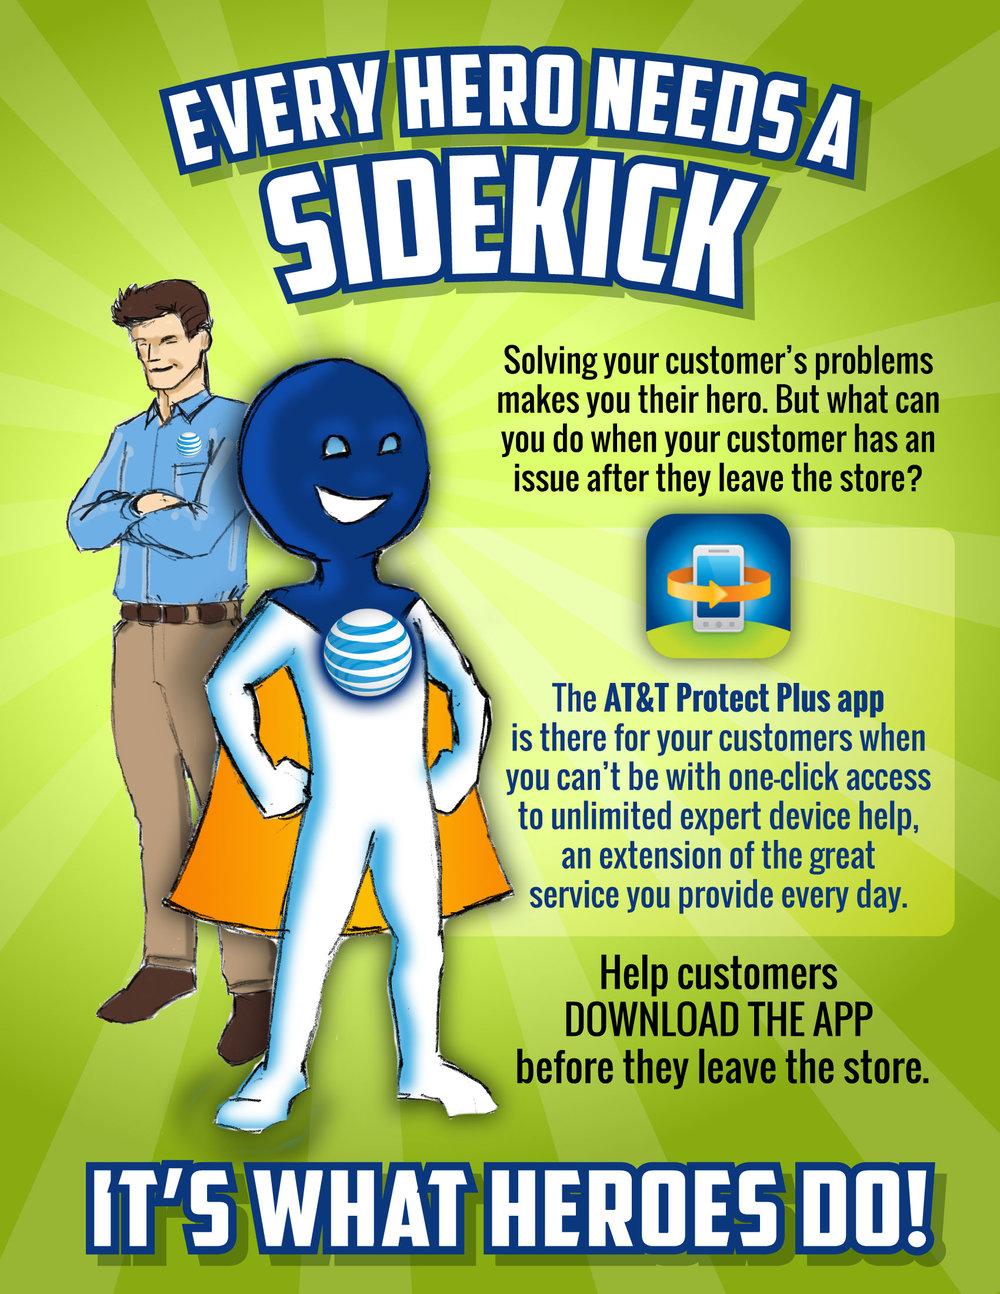 ATT_Sidekick_Concept.jpg